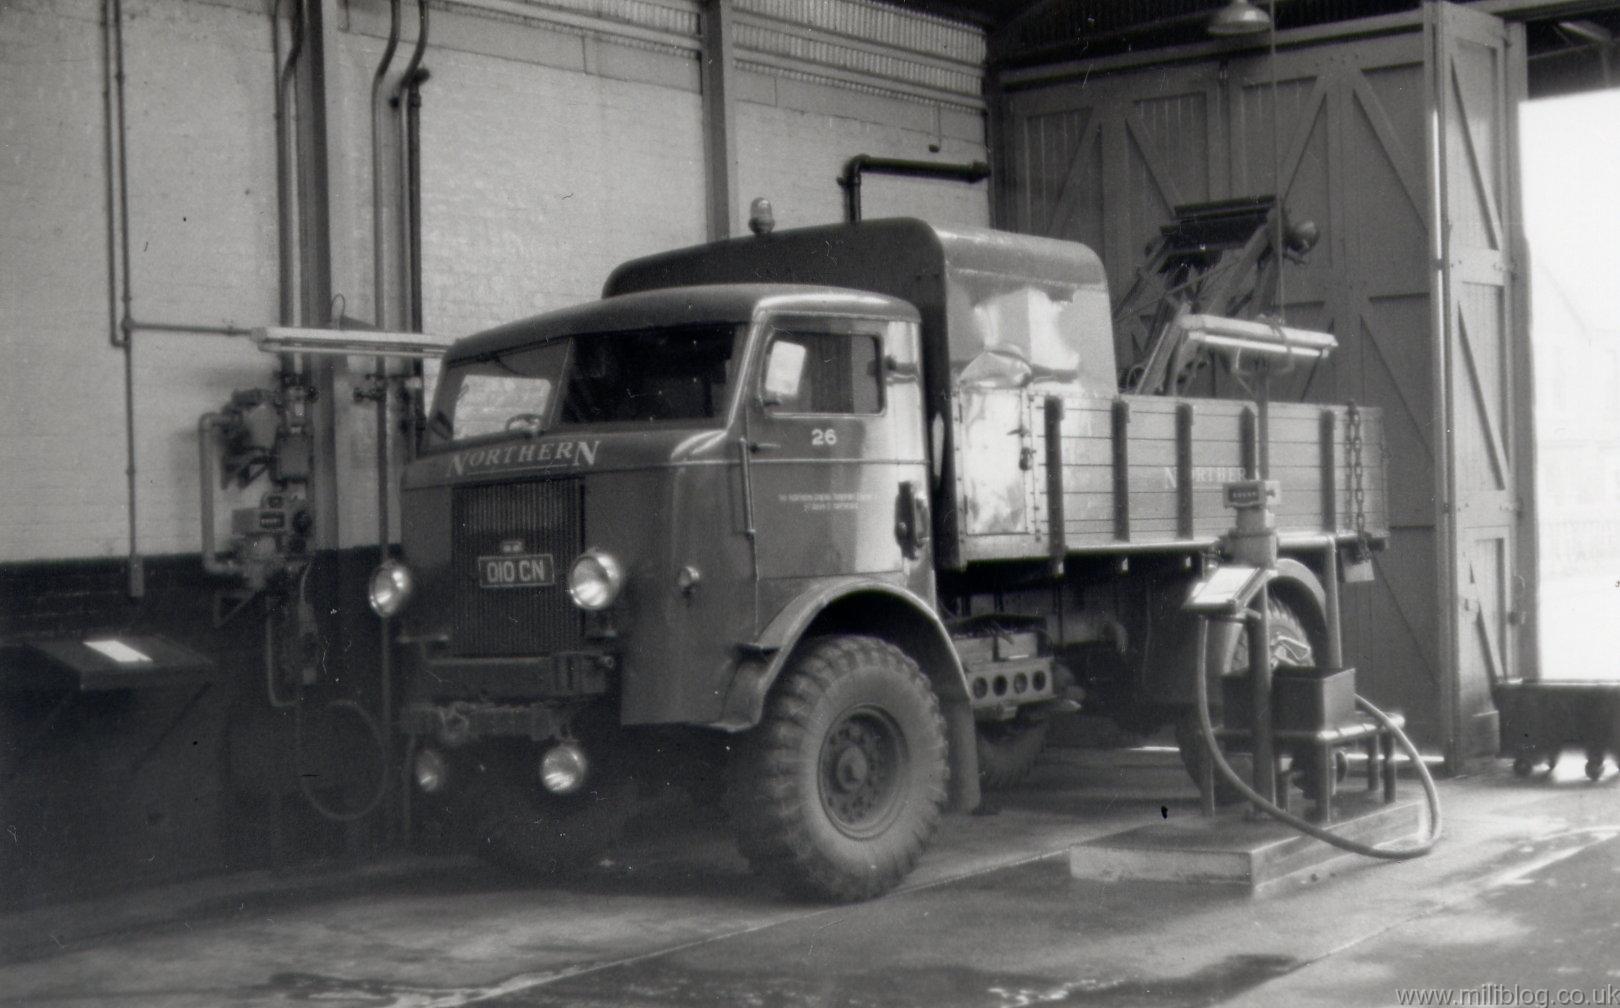 4 Door Tractor : Fwd coe cab over engine door crew utility